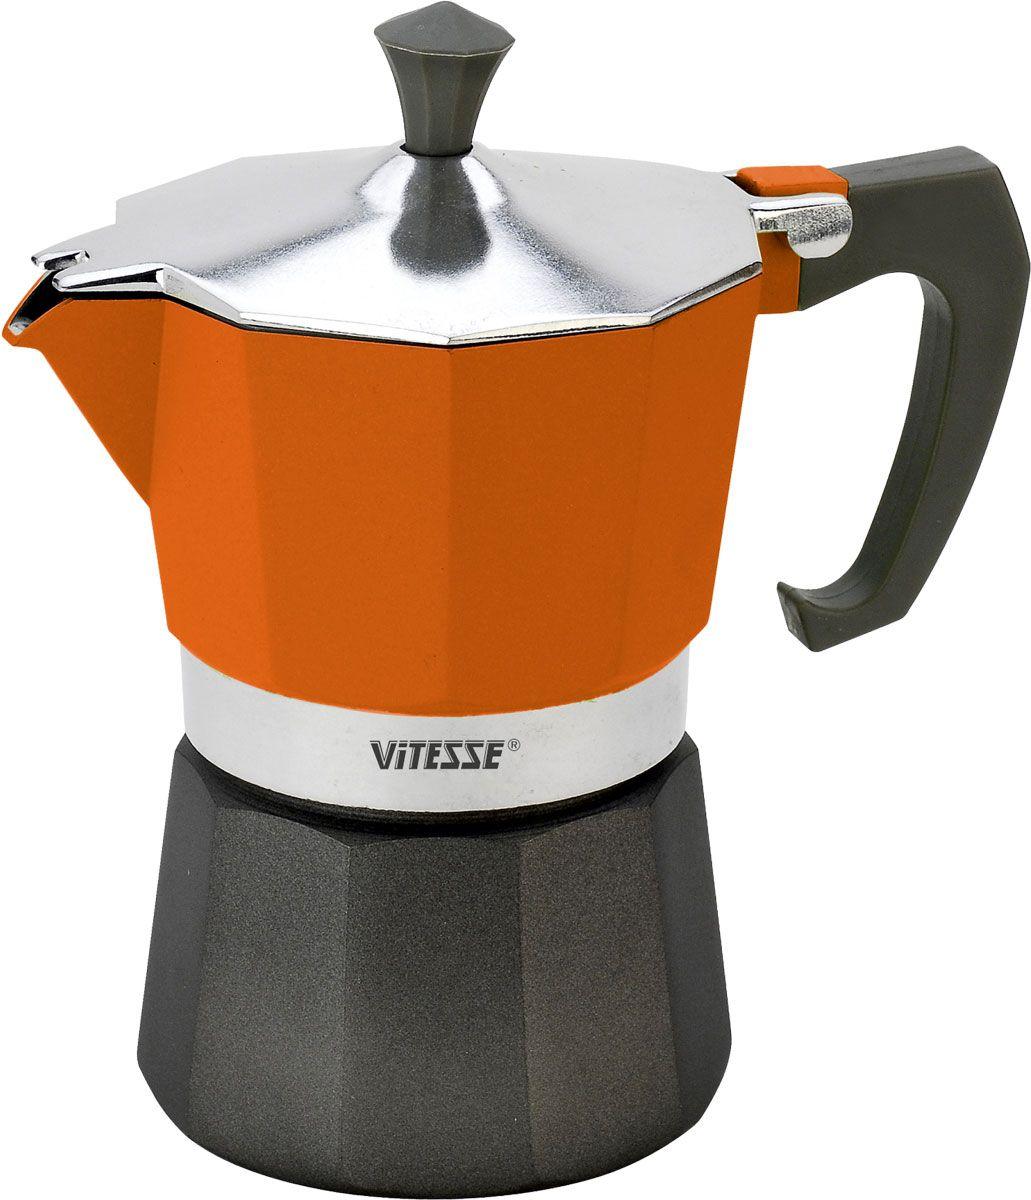 Кофеварка-эспрессо Vitesse на 3 чашки, цвет: оранжевыйVS-2604-orangeКофеварка-эспрессо Vitesse позволит вам приготовить ароматный напиток на 3 персоны. Корпус кофеварки изготовлен из высококачественного алюминия. Кофеварка состоит из двух соединенных между собой емкостей и снабжена алюминиевым фильтром-перколятором, который сохраняет аромат кофе. Удобная ручка выполнена из жаропрочного бакелита с противоскользящим покрытием. Принцип работы такой кофеварки состоит в том, что кофе заваривается путем многократного прохождения горячей воды или пара через слой молотого кофе. В нижнюю емкость наливается вода, в эту же емкость устанавливается фильтр, в который засыпается кофе. К нижней емкости прикручивается верхняя емкость, после чего кофеварка ставится на электрическую плиту, и через несколько минут кофе начинает брызгать в верхний контейнер и осаждаться. Кофе получается крепкий и насыщенный. Характеристики:Материал: алюминий, бакелит. Высота (с учетом крышки): 16 см. Диаметр основания:8 см. Рабочий объем: 105 мл. Цвет:оранжевый. Размер упаковки: 13,5 см х 16,5 см х 10 см. Изготовитель:Китай. Артикул: VS-2604.